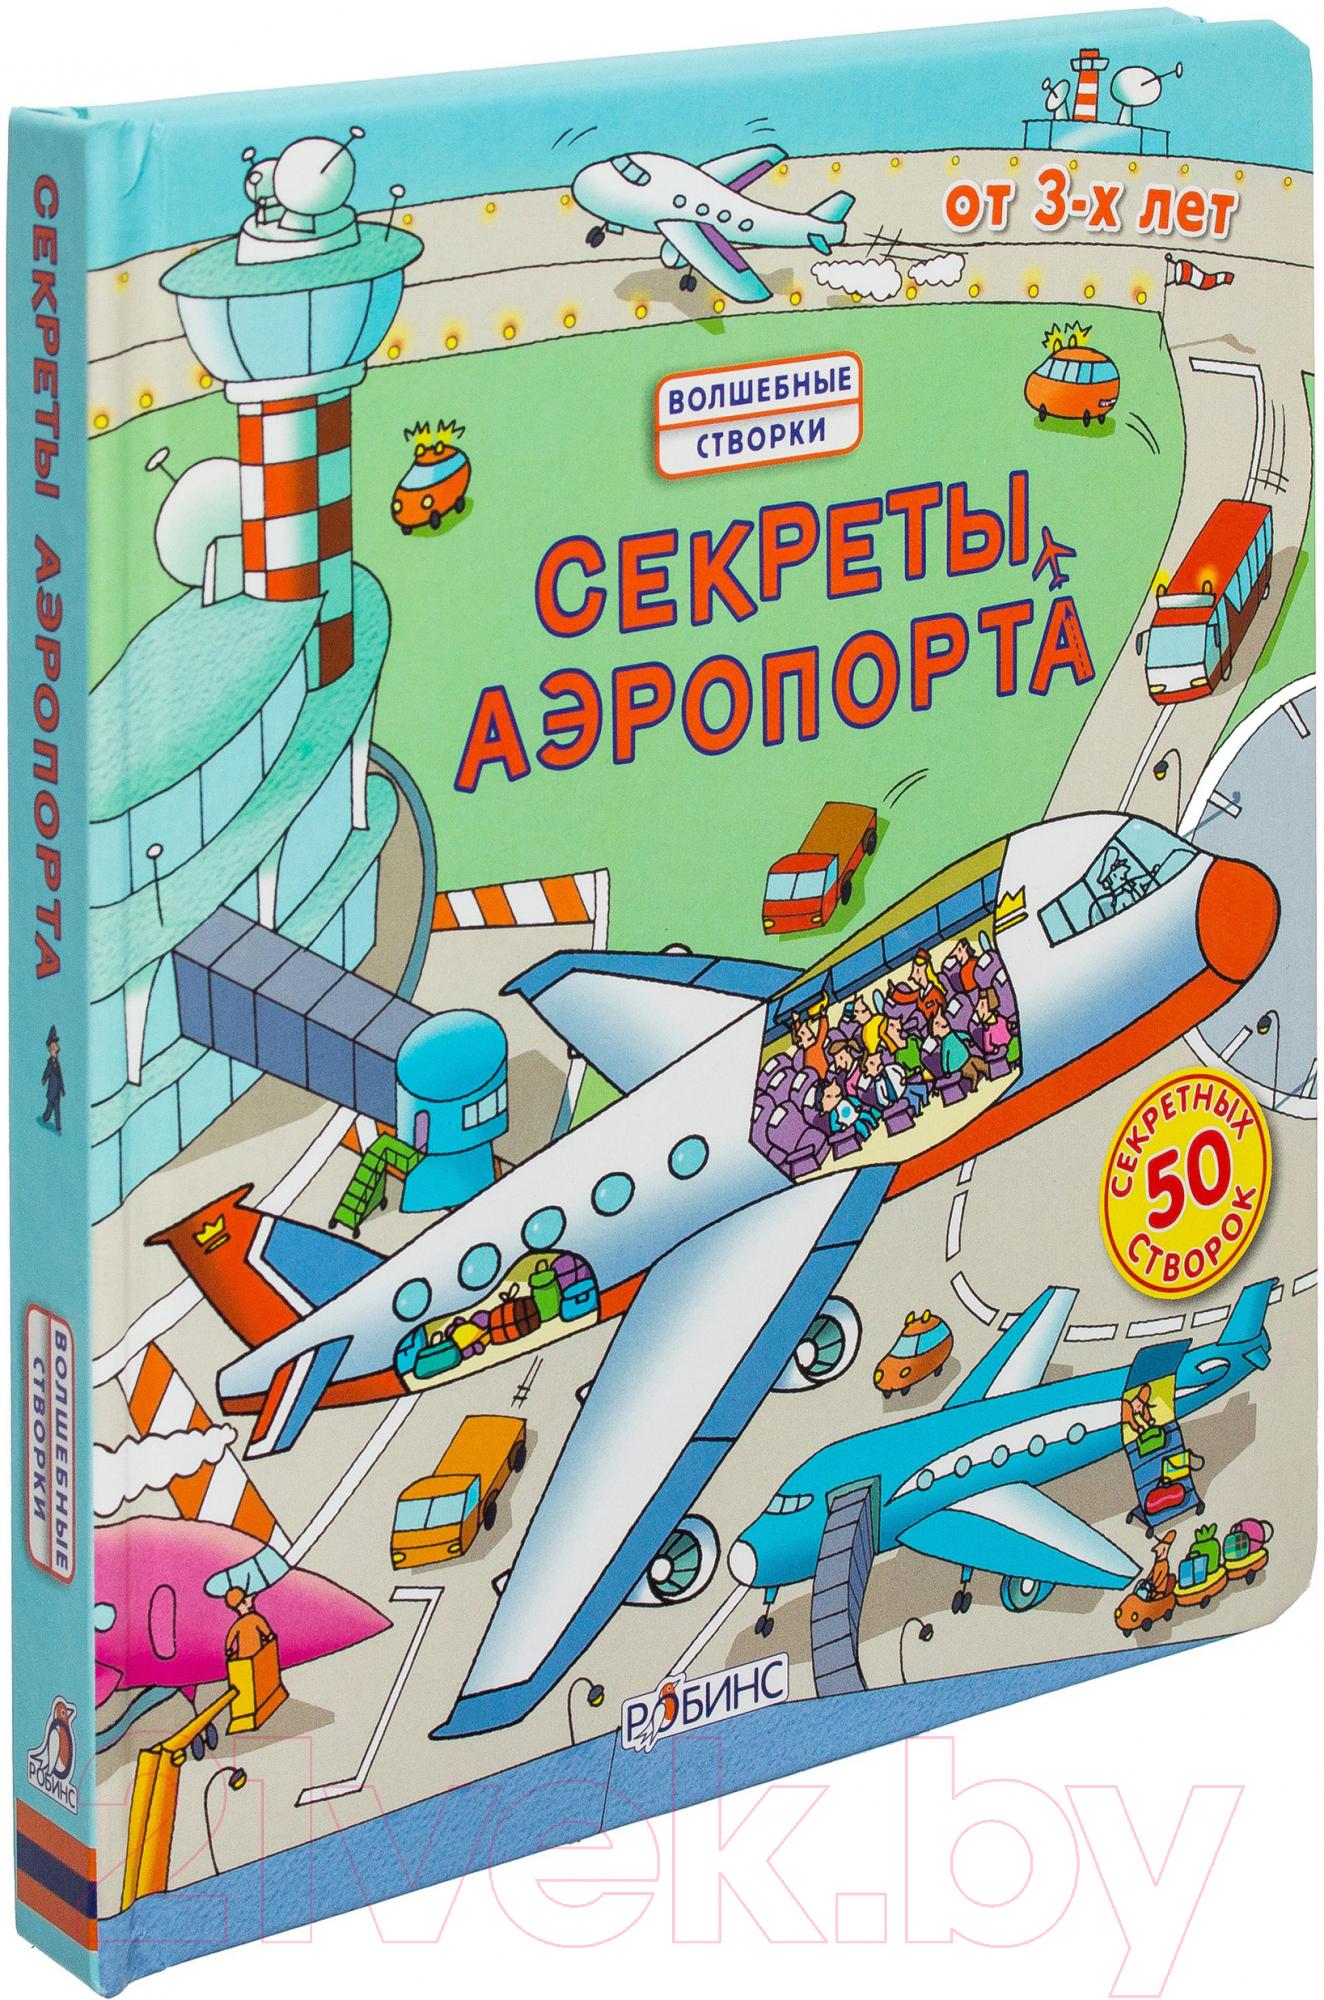 Купить Энциклопедия Робинс, Секреты аэропорта. 50 секретных створок (Джонс Р.), Россия